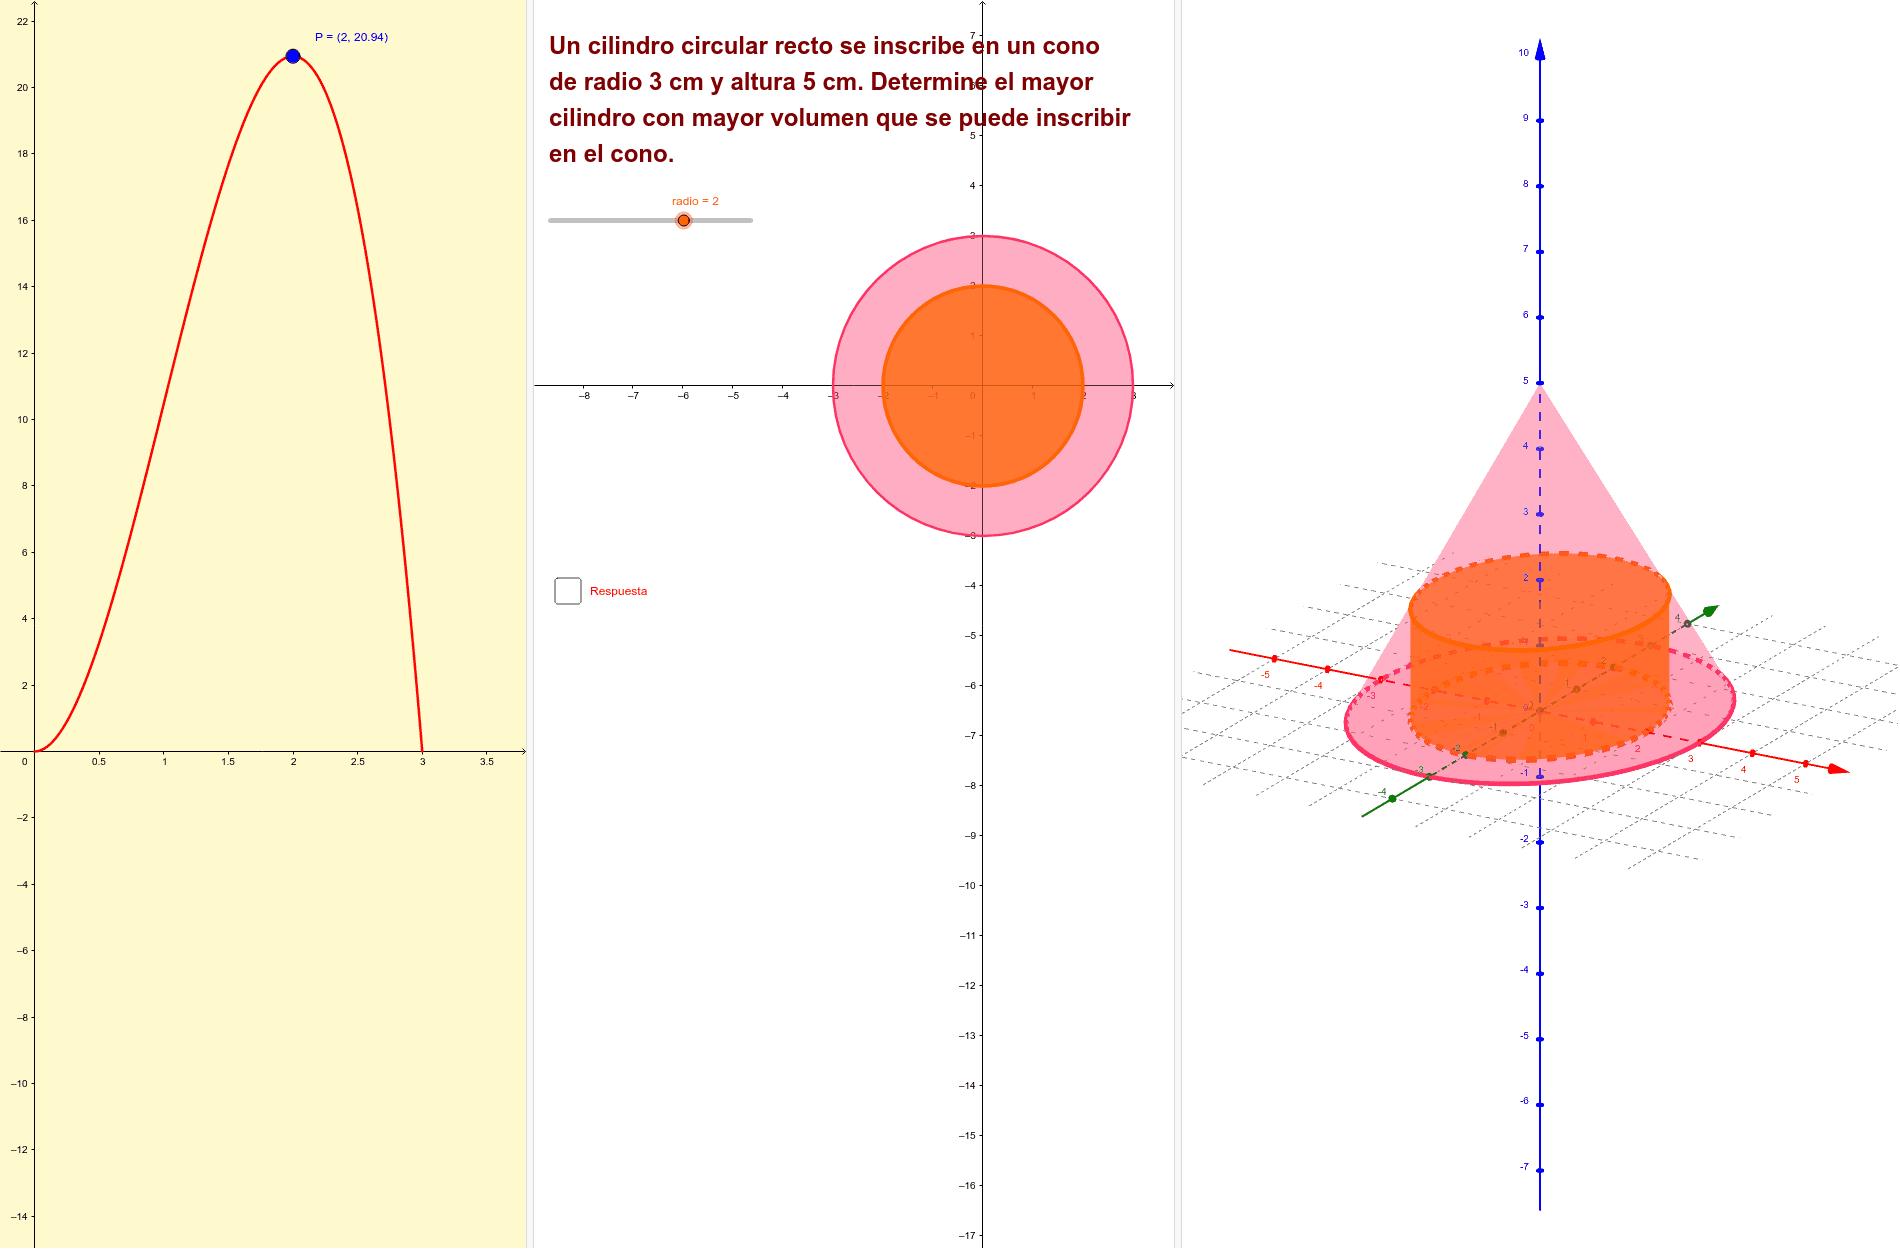 Analiza la aplicación antes de resolver el problema ... Determinar las dimensiones de un cilindro, cuyo volumen sea máximo, estando inscrito en un cono de condiciones dadas Presiona Intro para comenzar la actividad